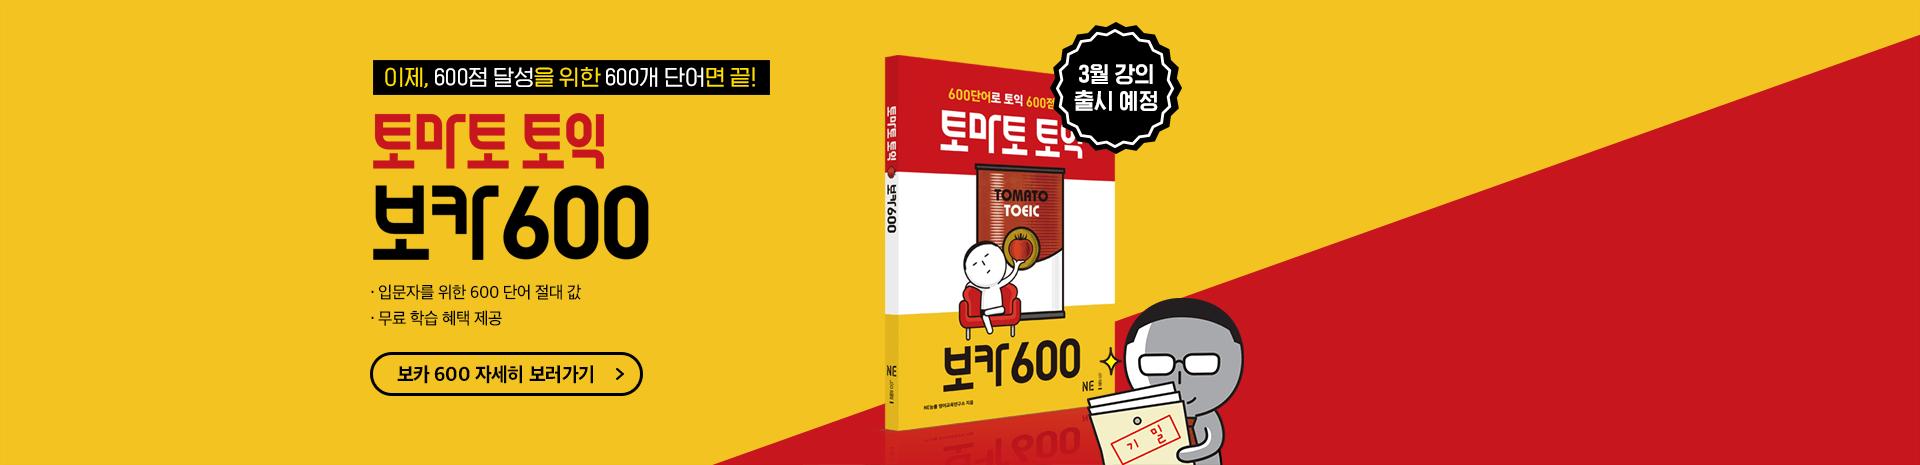 보카 600 교재 출시